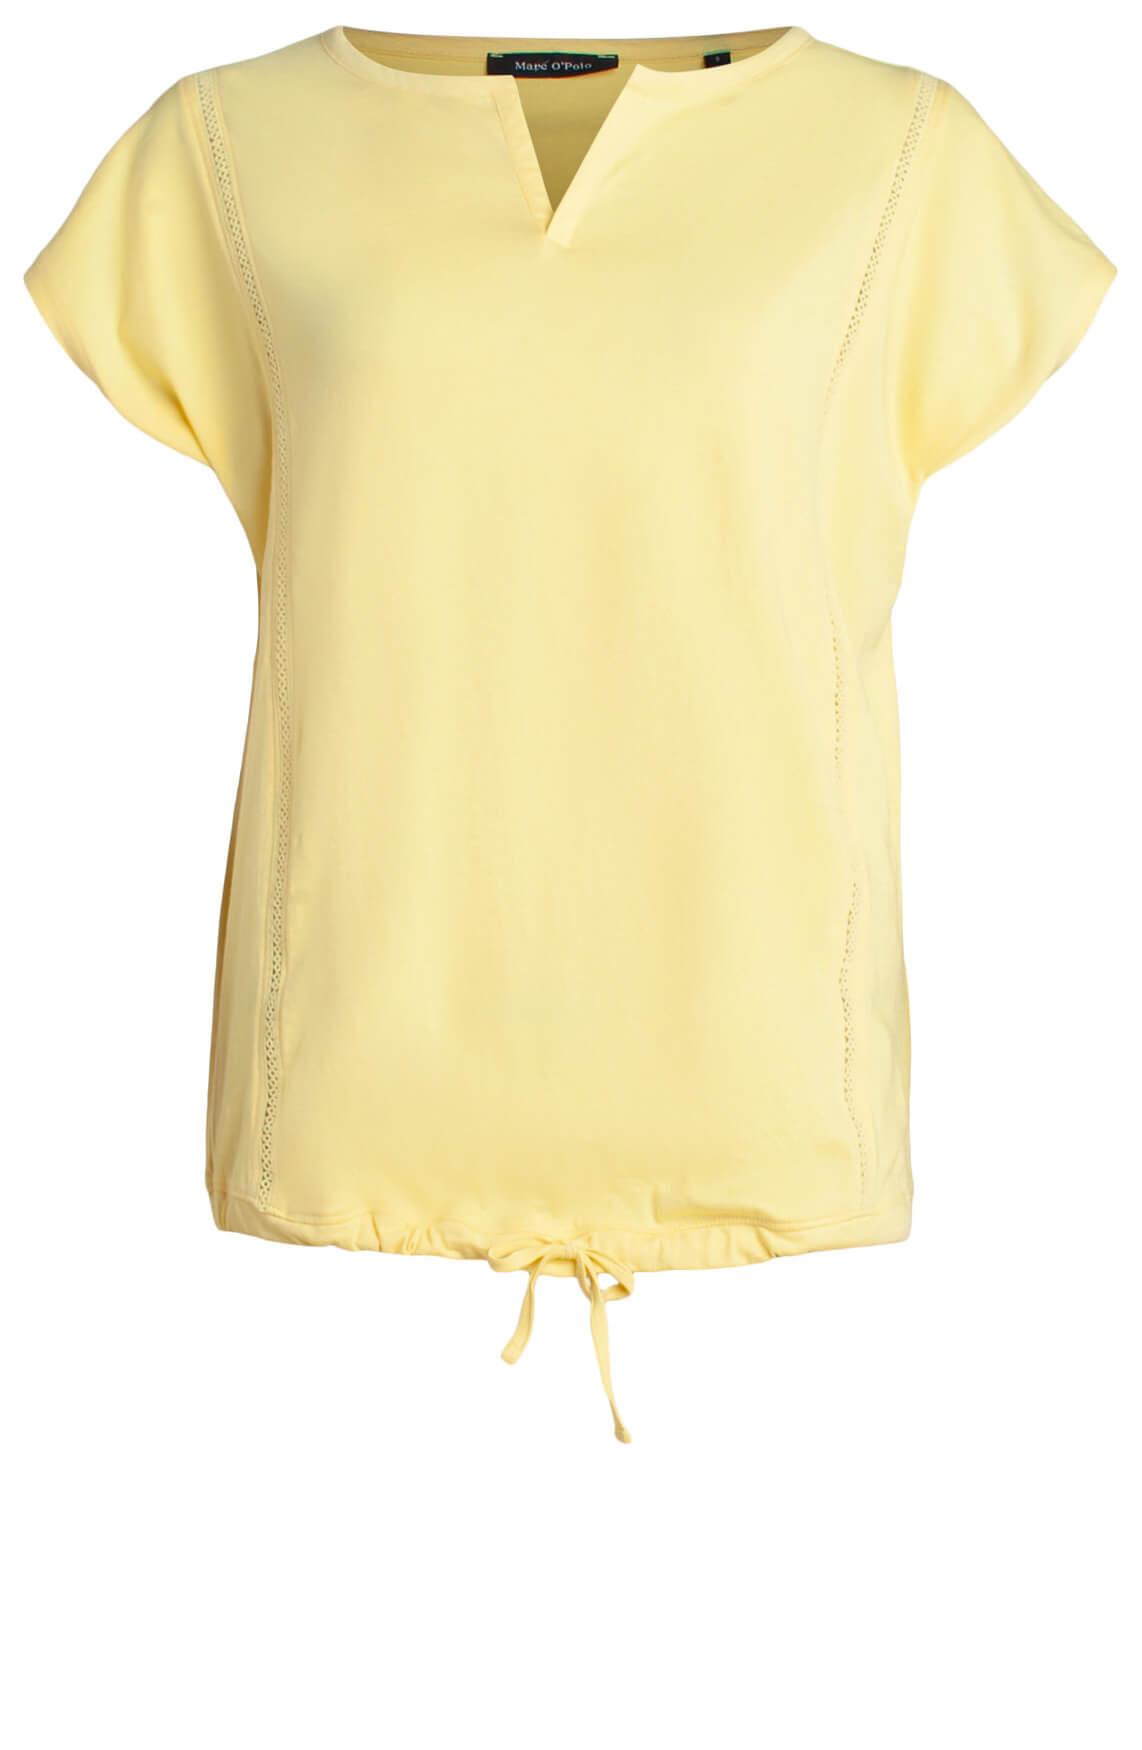 Marc O'Polo Dames Shirt met koordsluiting geel